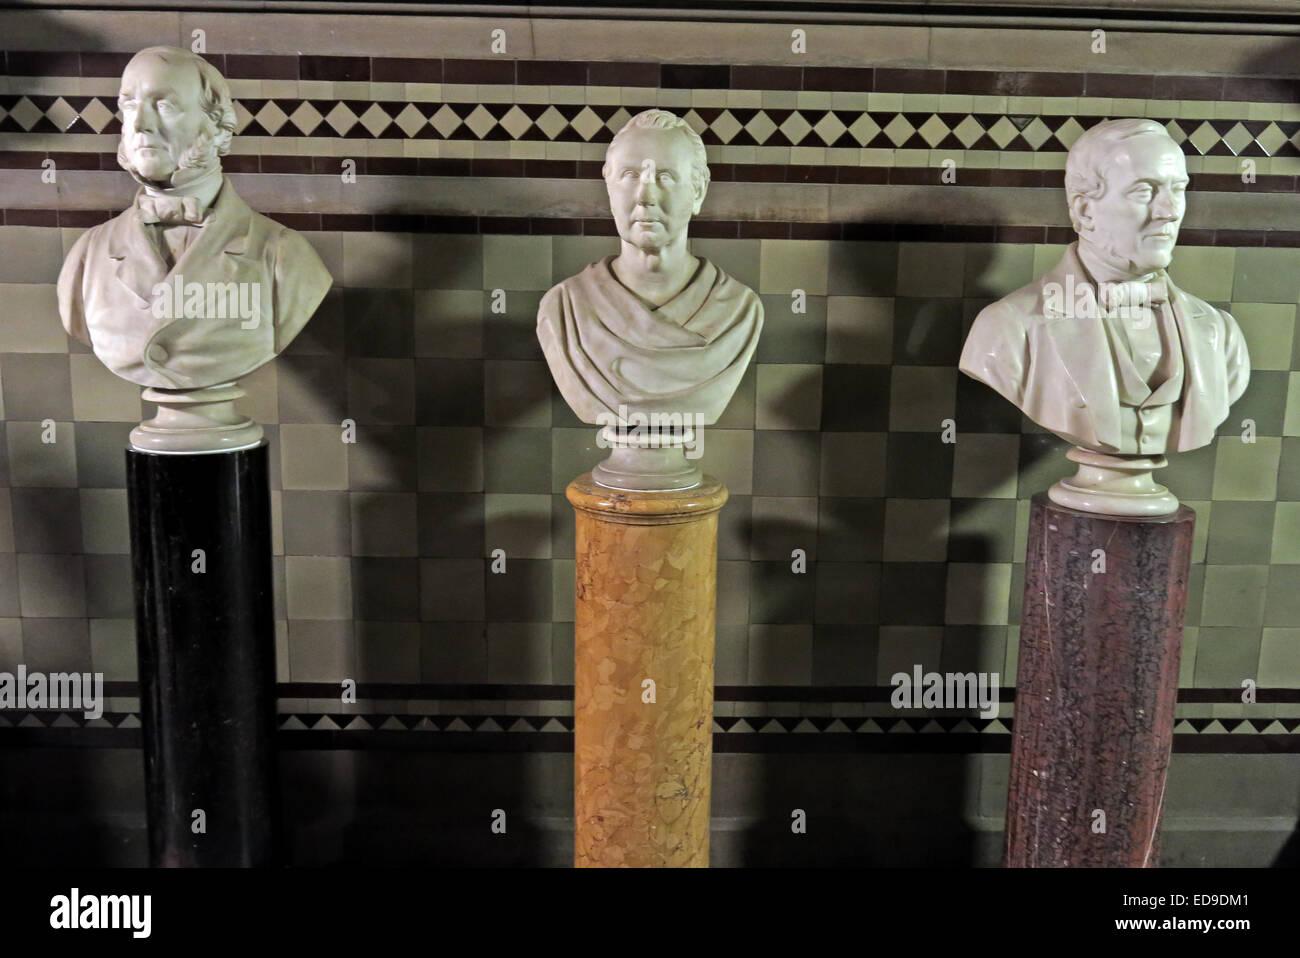 Laden Sie dieses Alamy Stockfoto Leiter der Statuen im Rathaus von Manchester, Albert Square, England, UK - ED9DM1